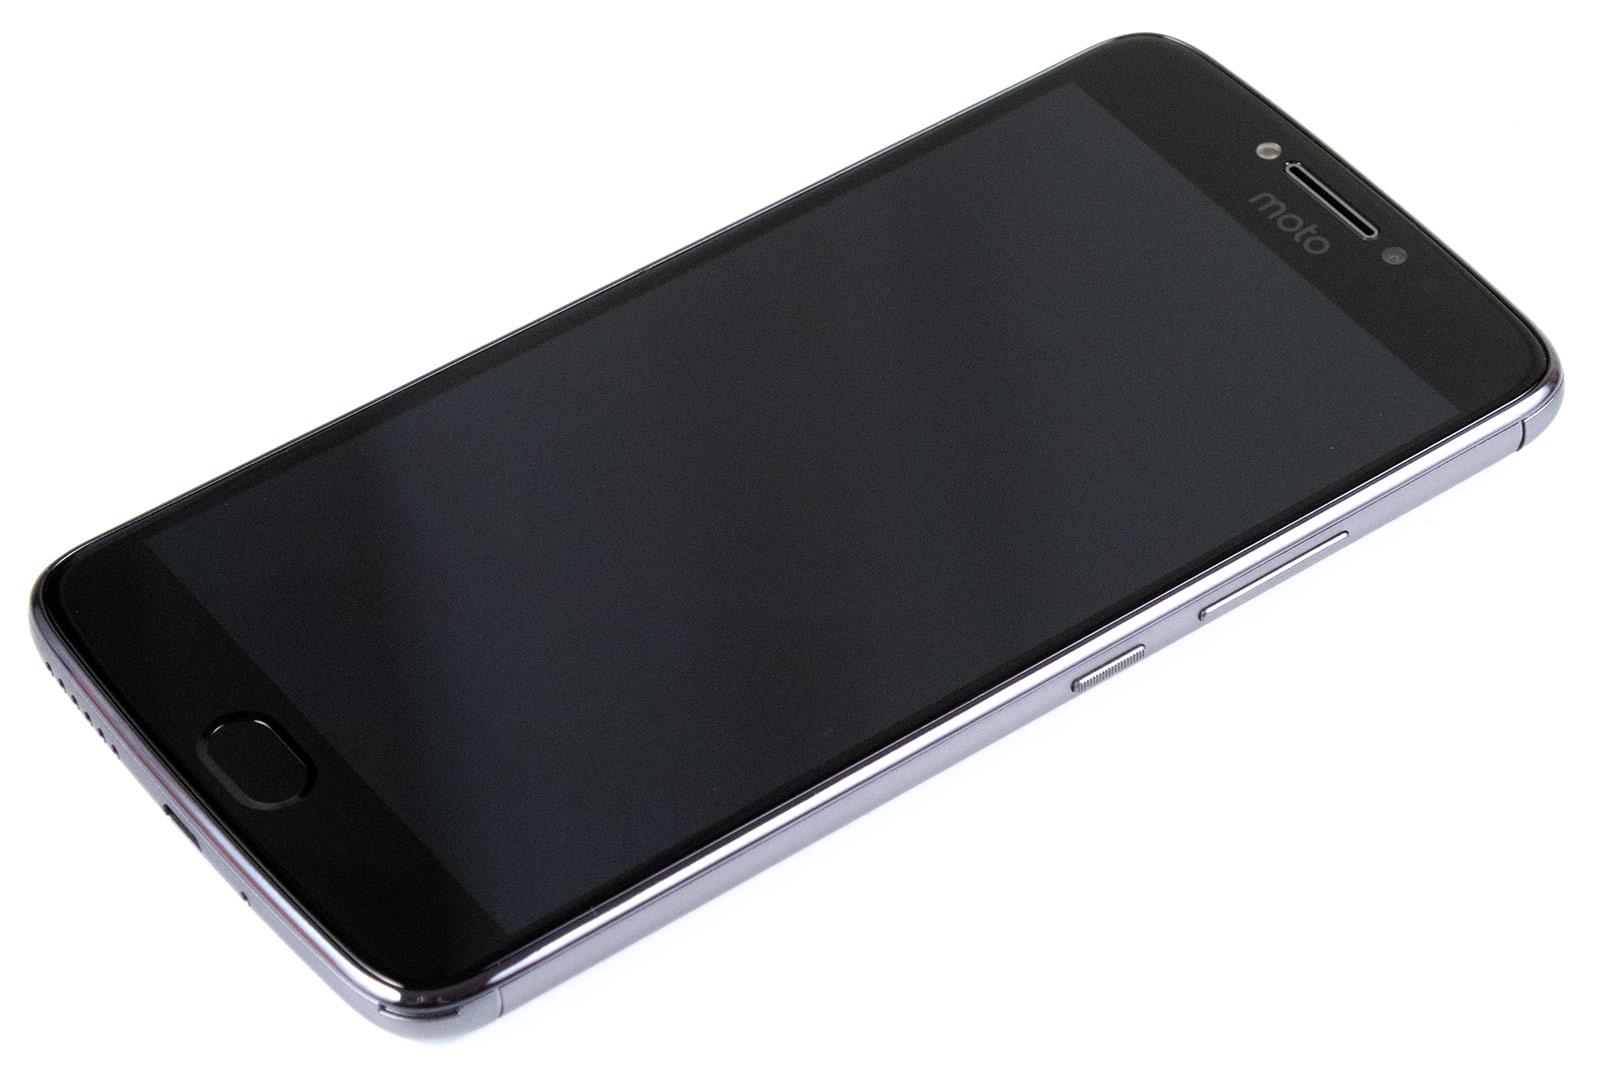 Обзор смартфона Moto E Plus: 5000 мАч в тонком корпусе - 3